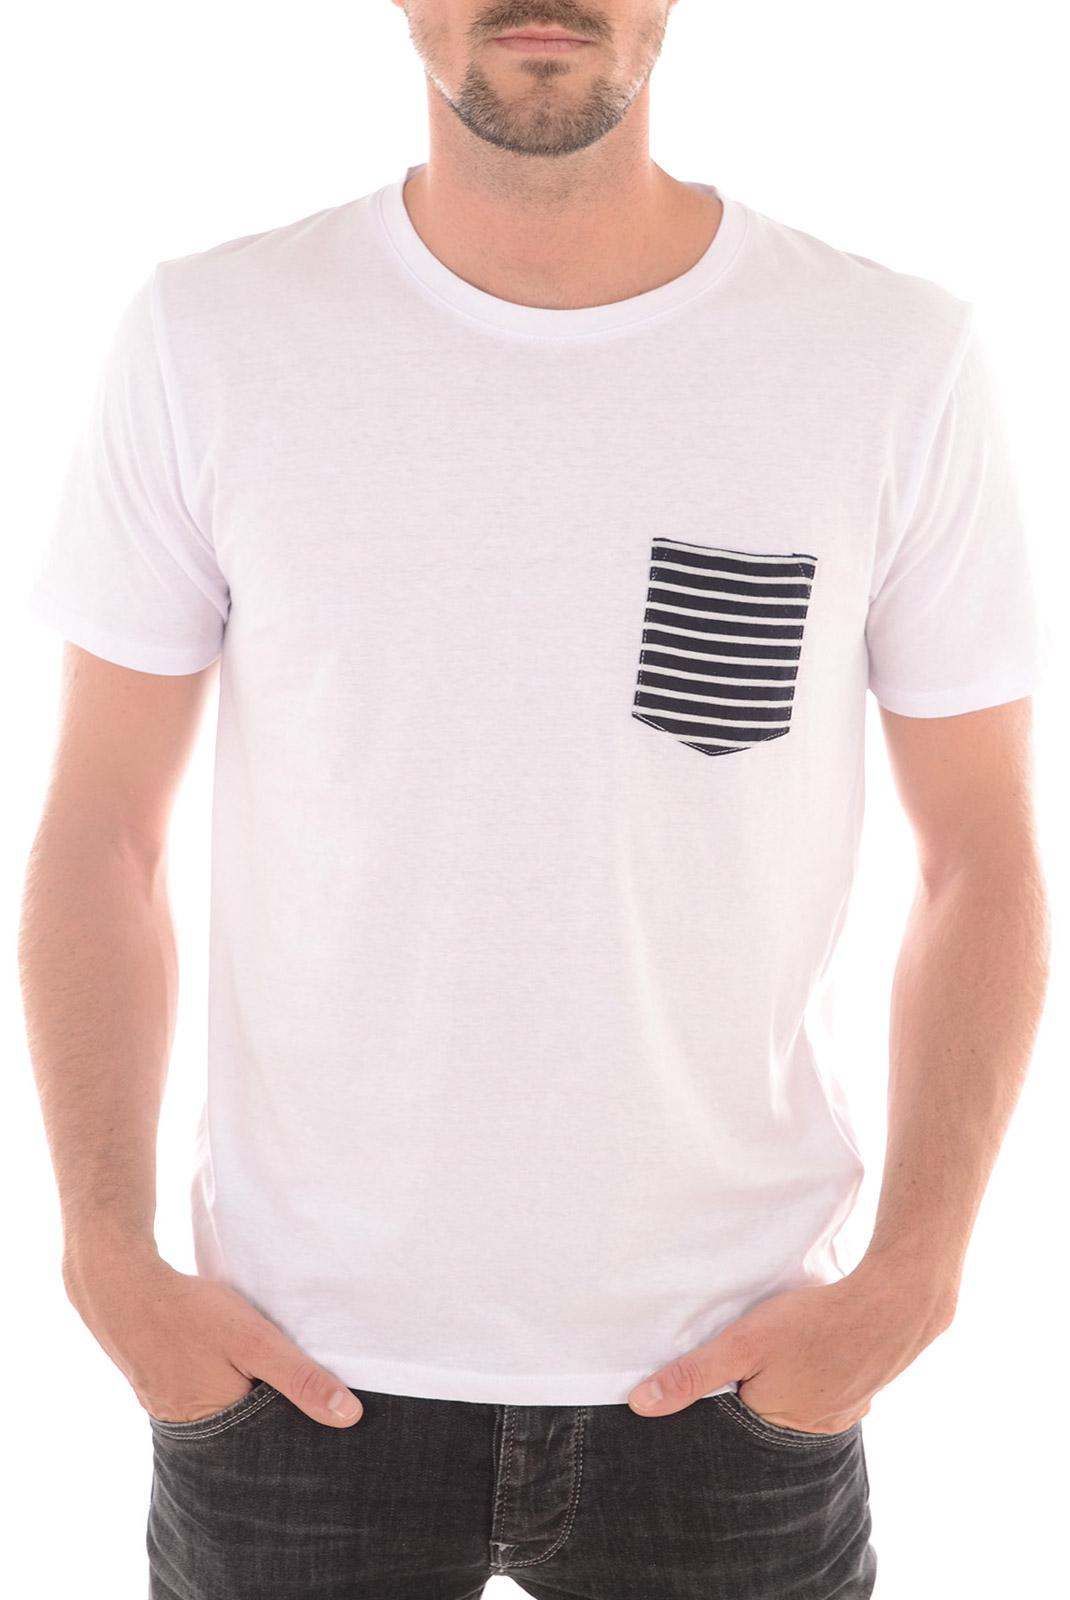 Image du produit Tee-shirts Selected Homme S,m,xl